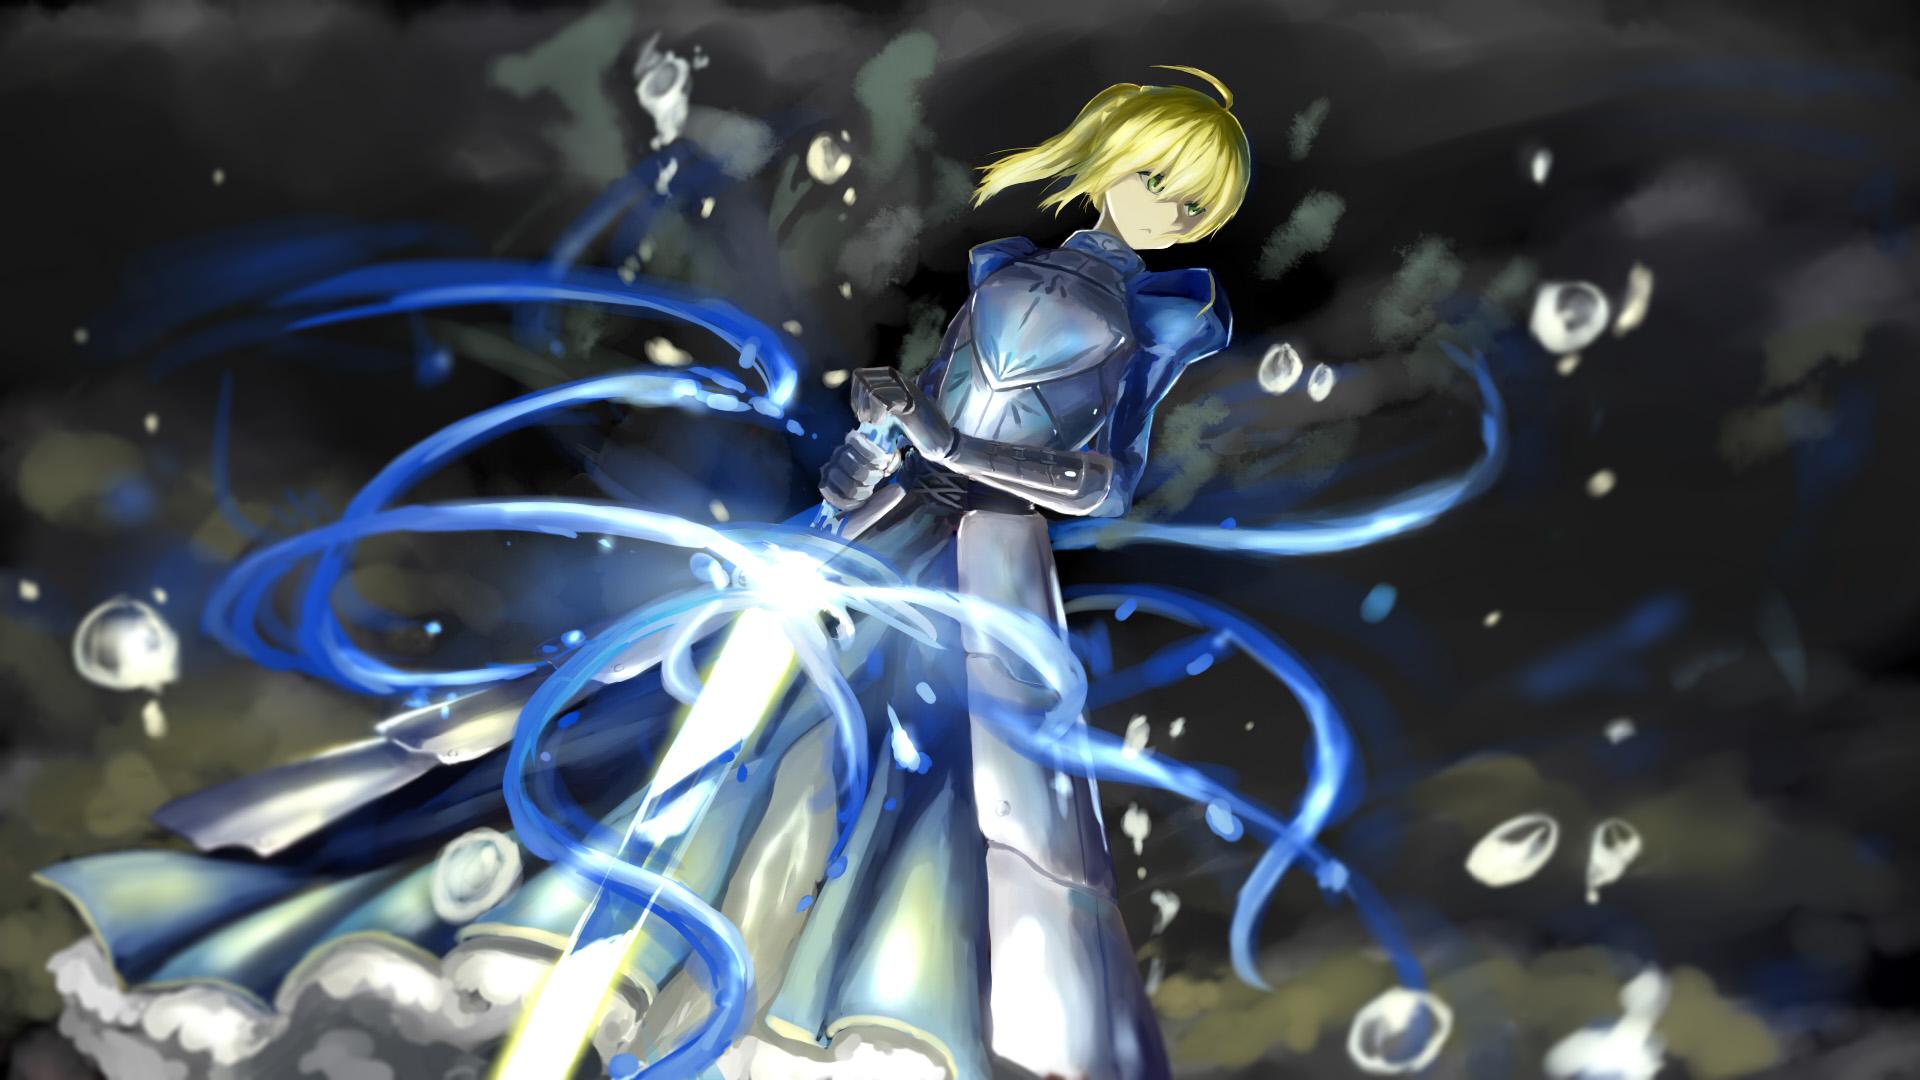 fatestay night saber konachancom   Konachancom Anime Wallpapers 1920x1080